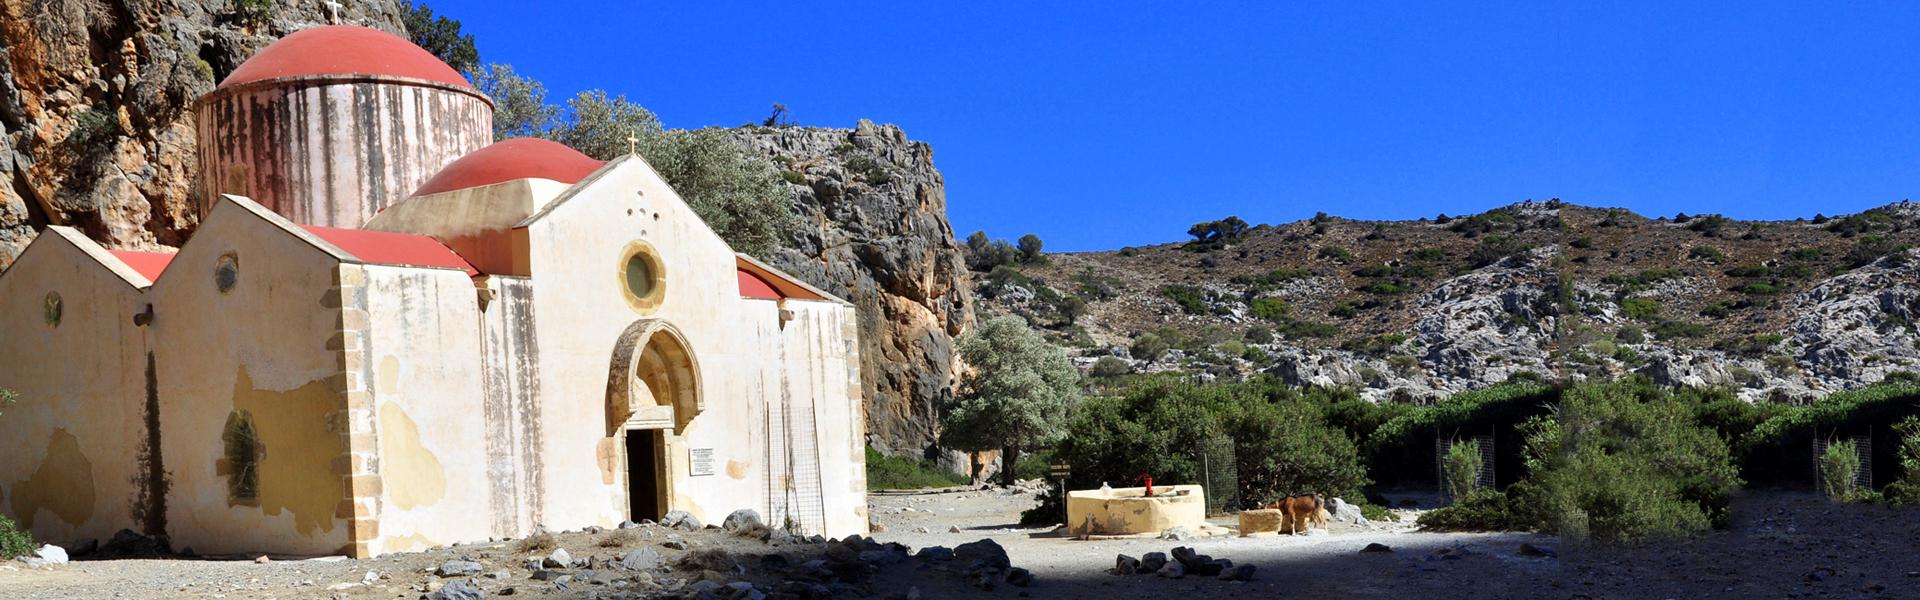 Agiosfarago gorge